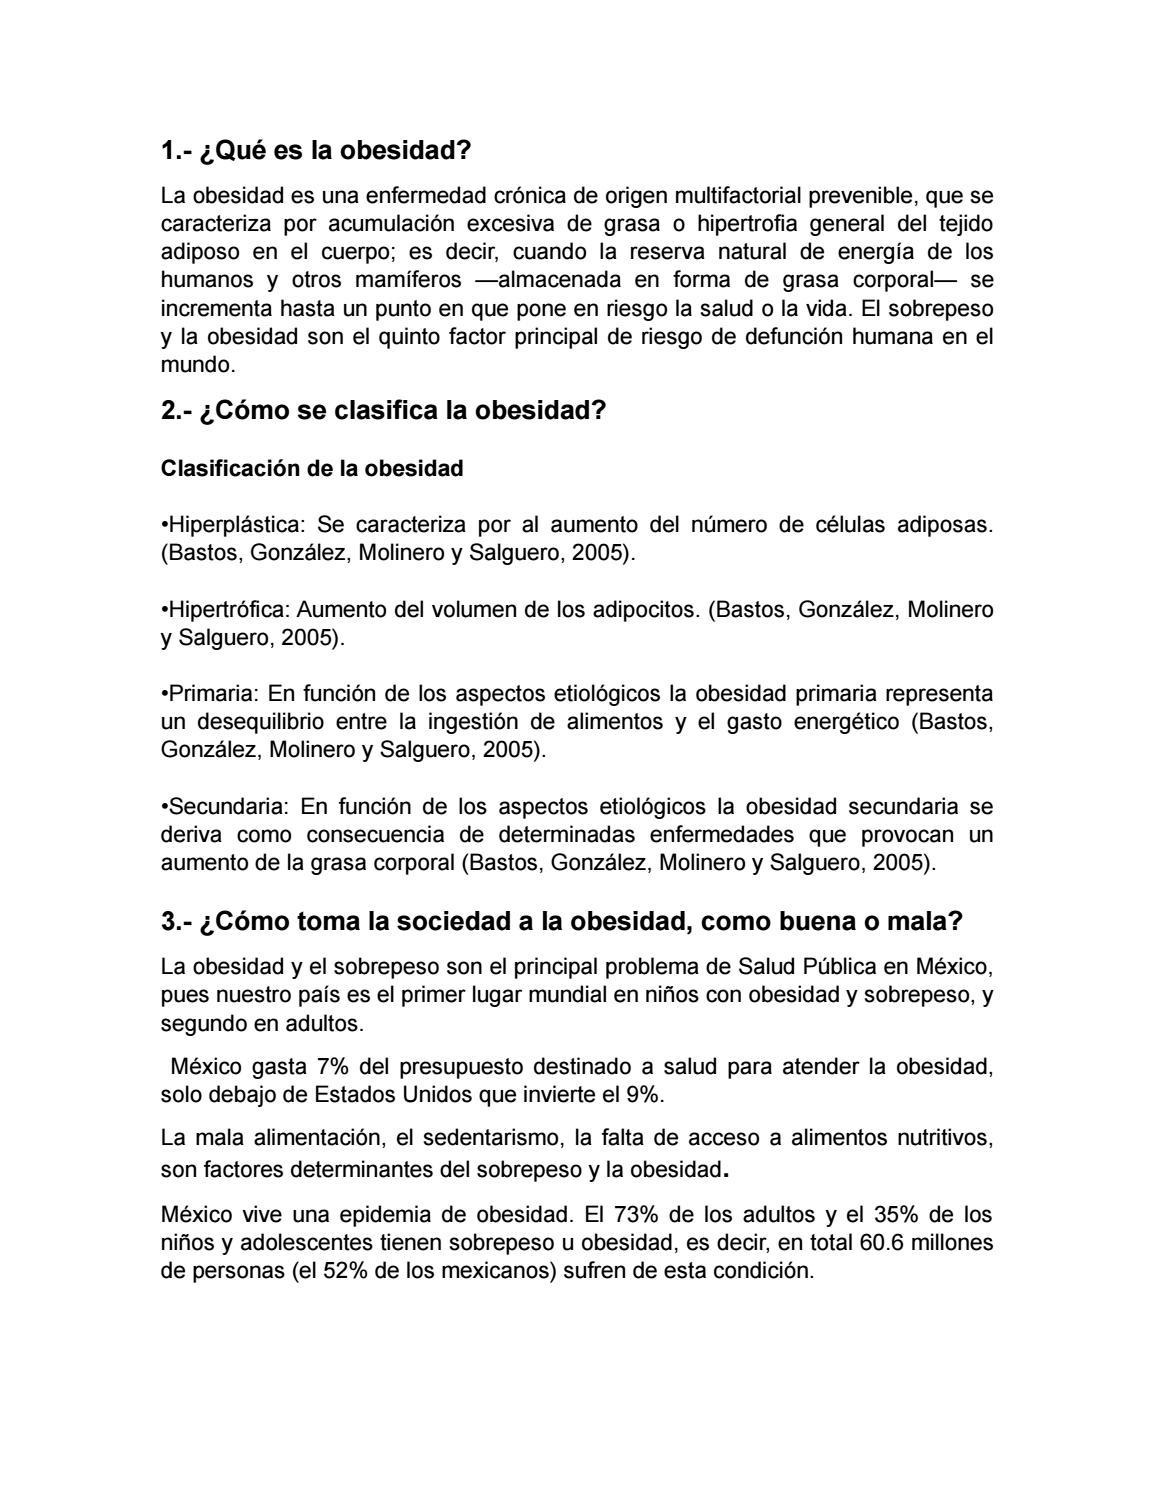 factores determinantes de la obesidad en mexico